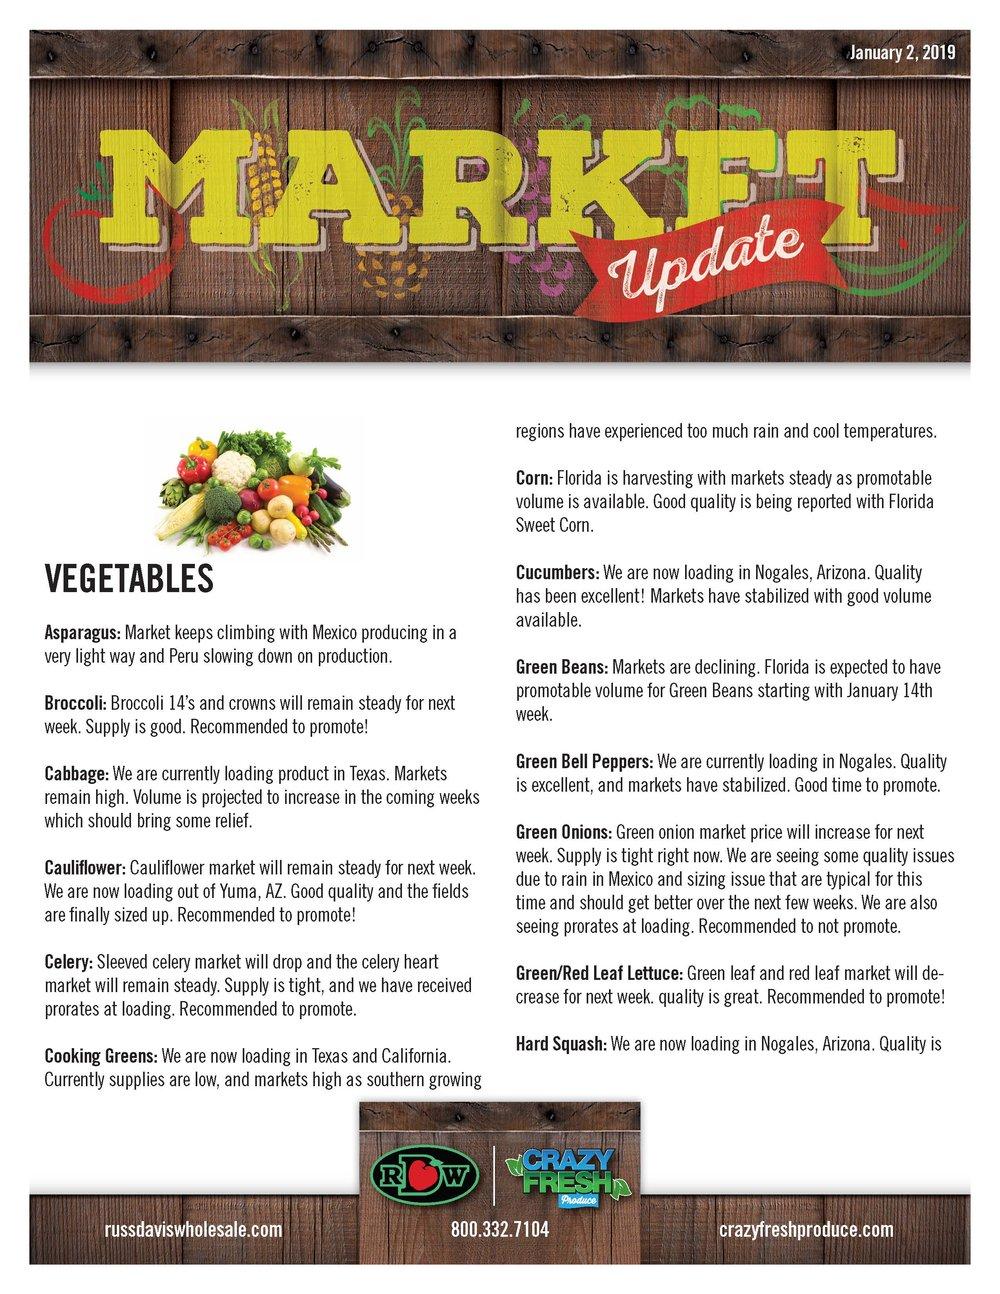 RDW_Market_Update_Jan2_19_Page_1.jpg